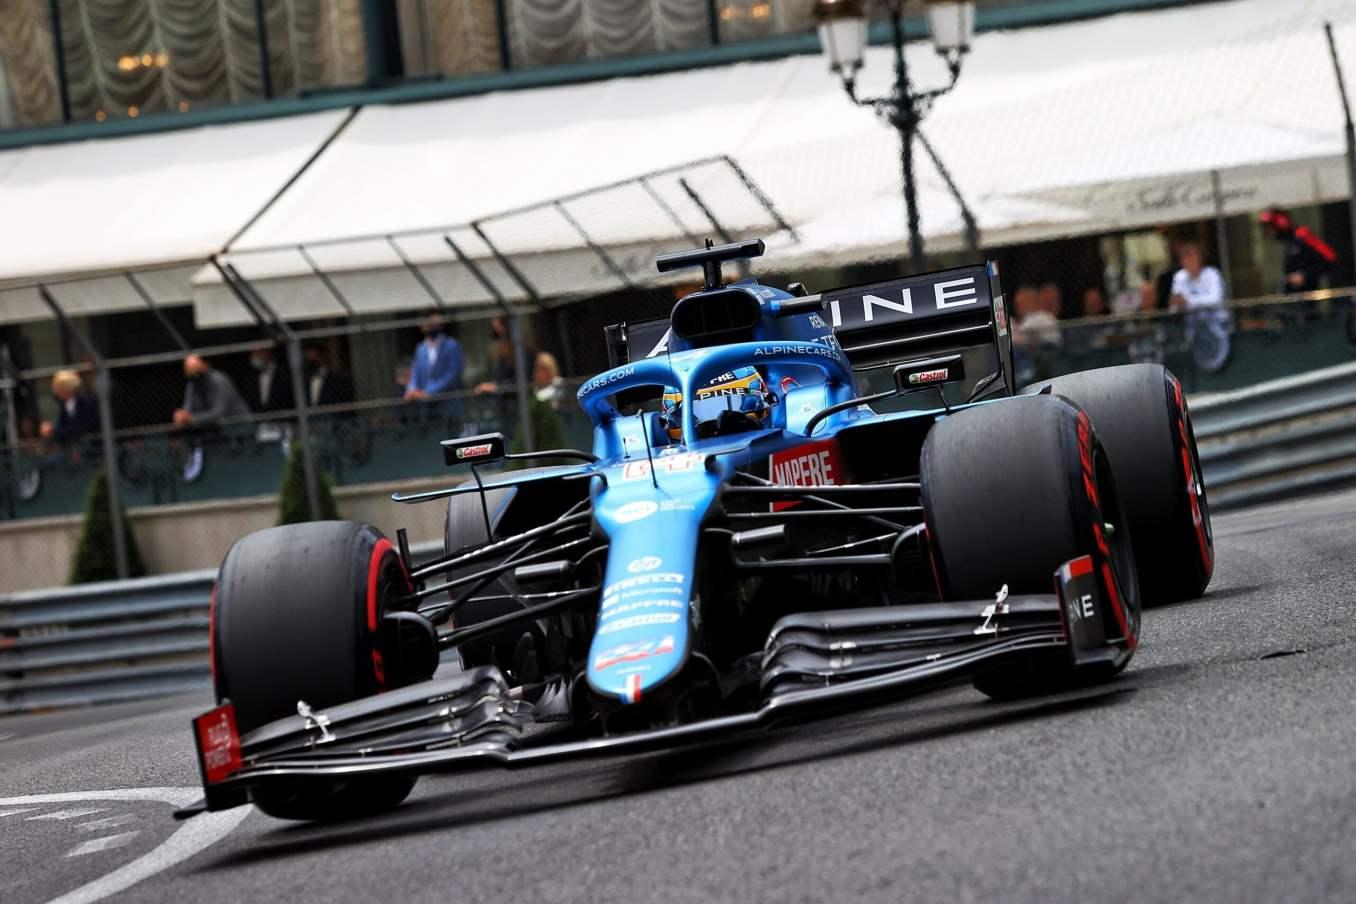 Alpine F1 Qualifications A521 Monaco Alonso Ocon 2021 3 scaled | Alpine F1 inscrit deux points au Grand Prix de Formule 1 de Monaco 2021